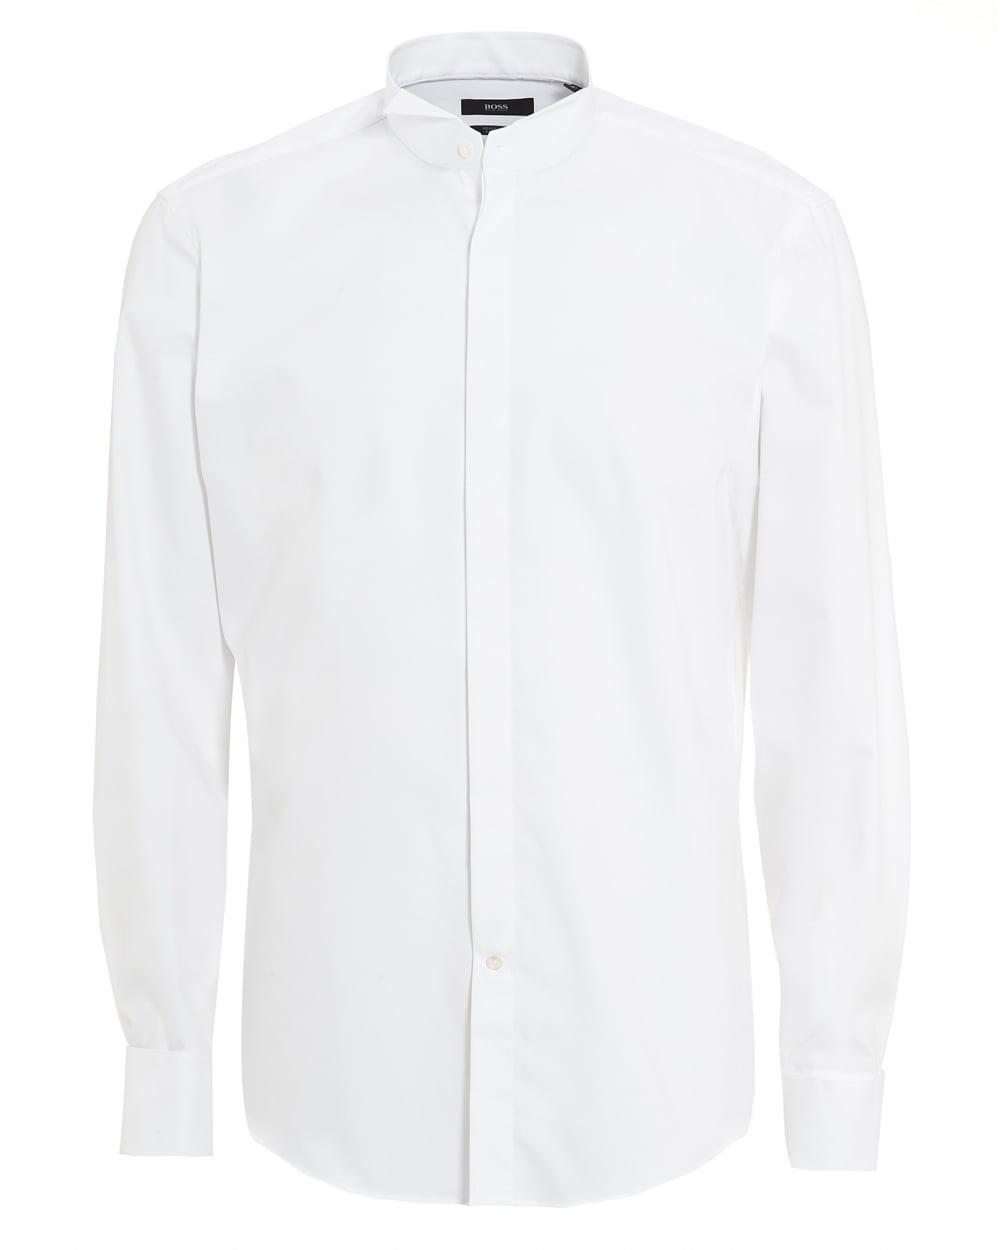 Hugo boss black mens jillik slim fit white dress shirt for Hugo boss formal shirts